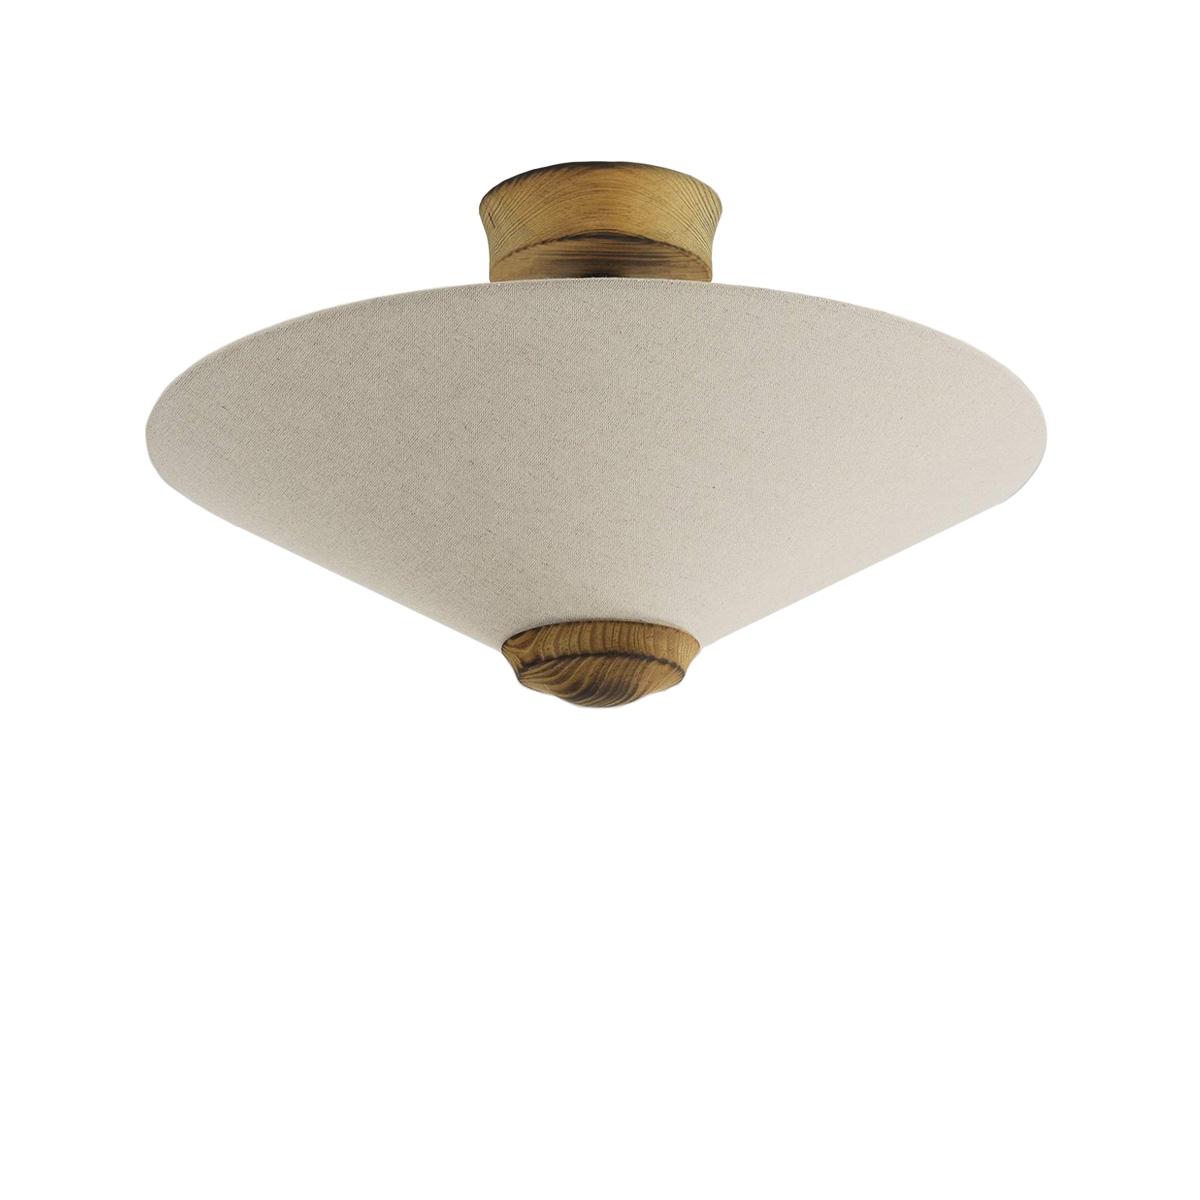 Υφασμάτινο φωτιστικό οροφής BAMBOO fabric ceiling lamp